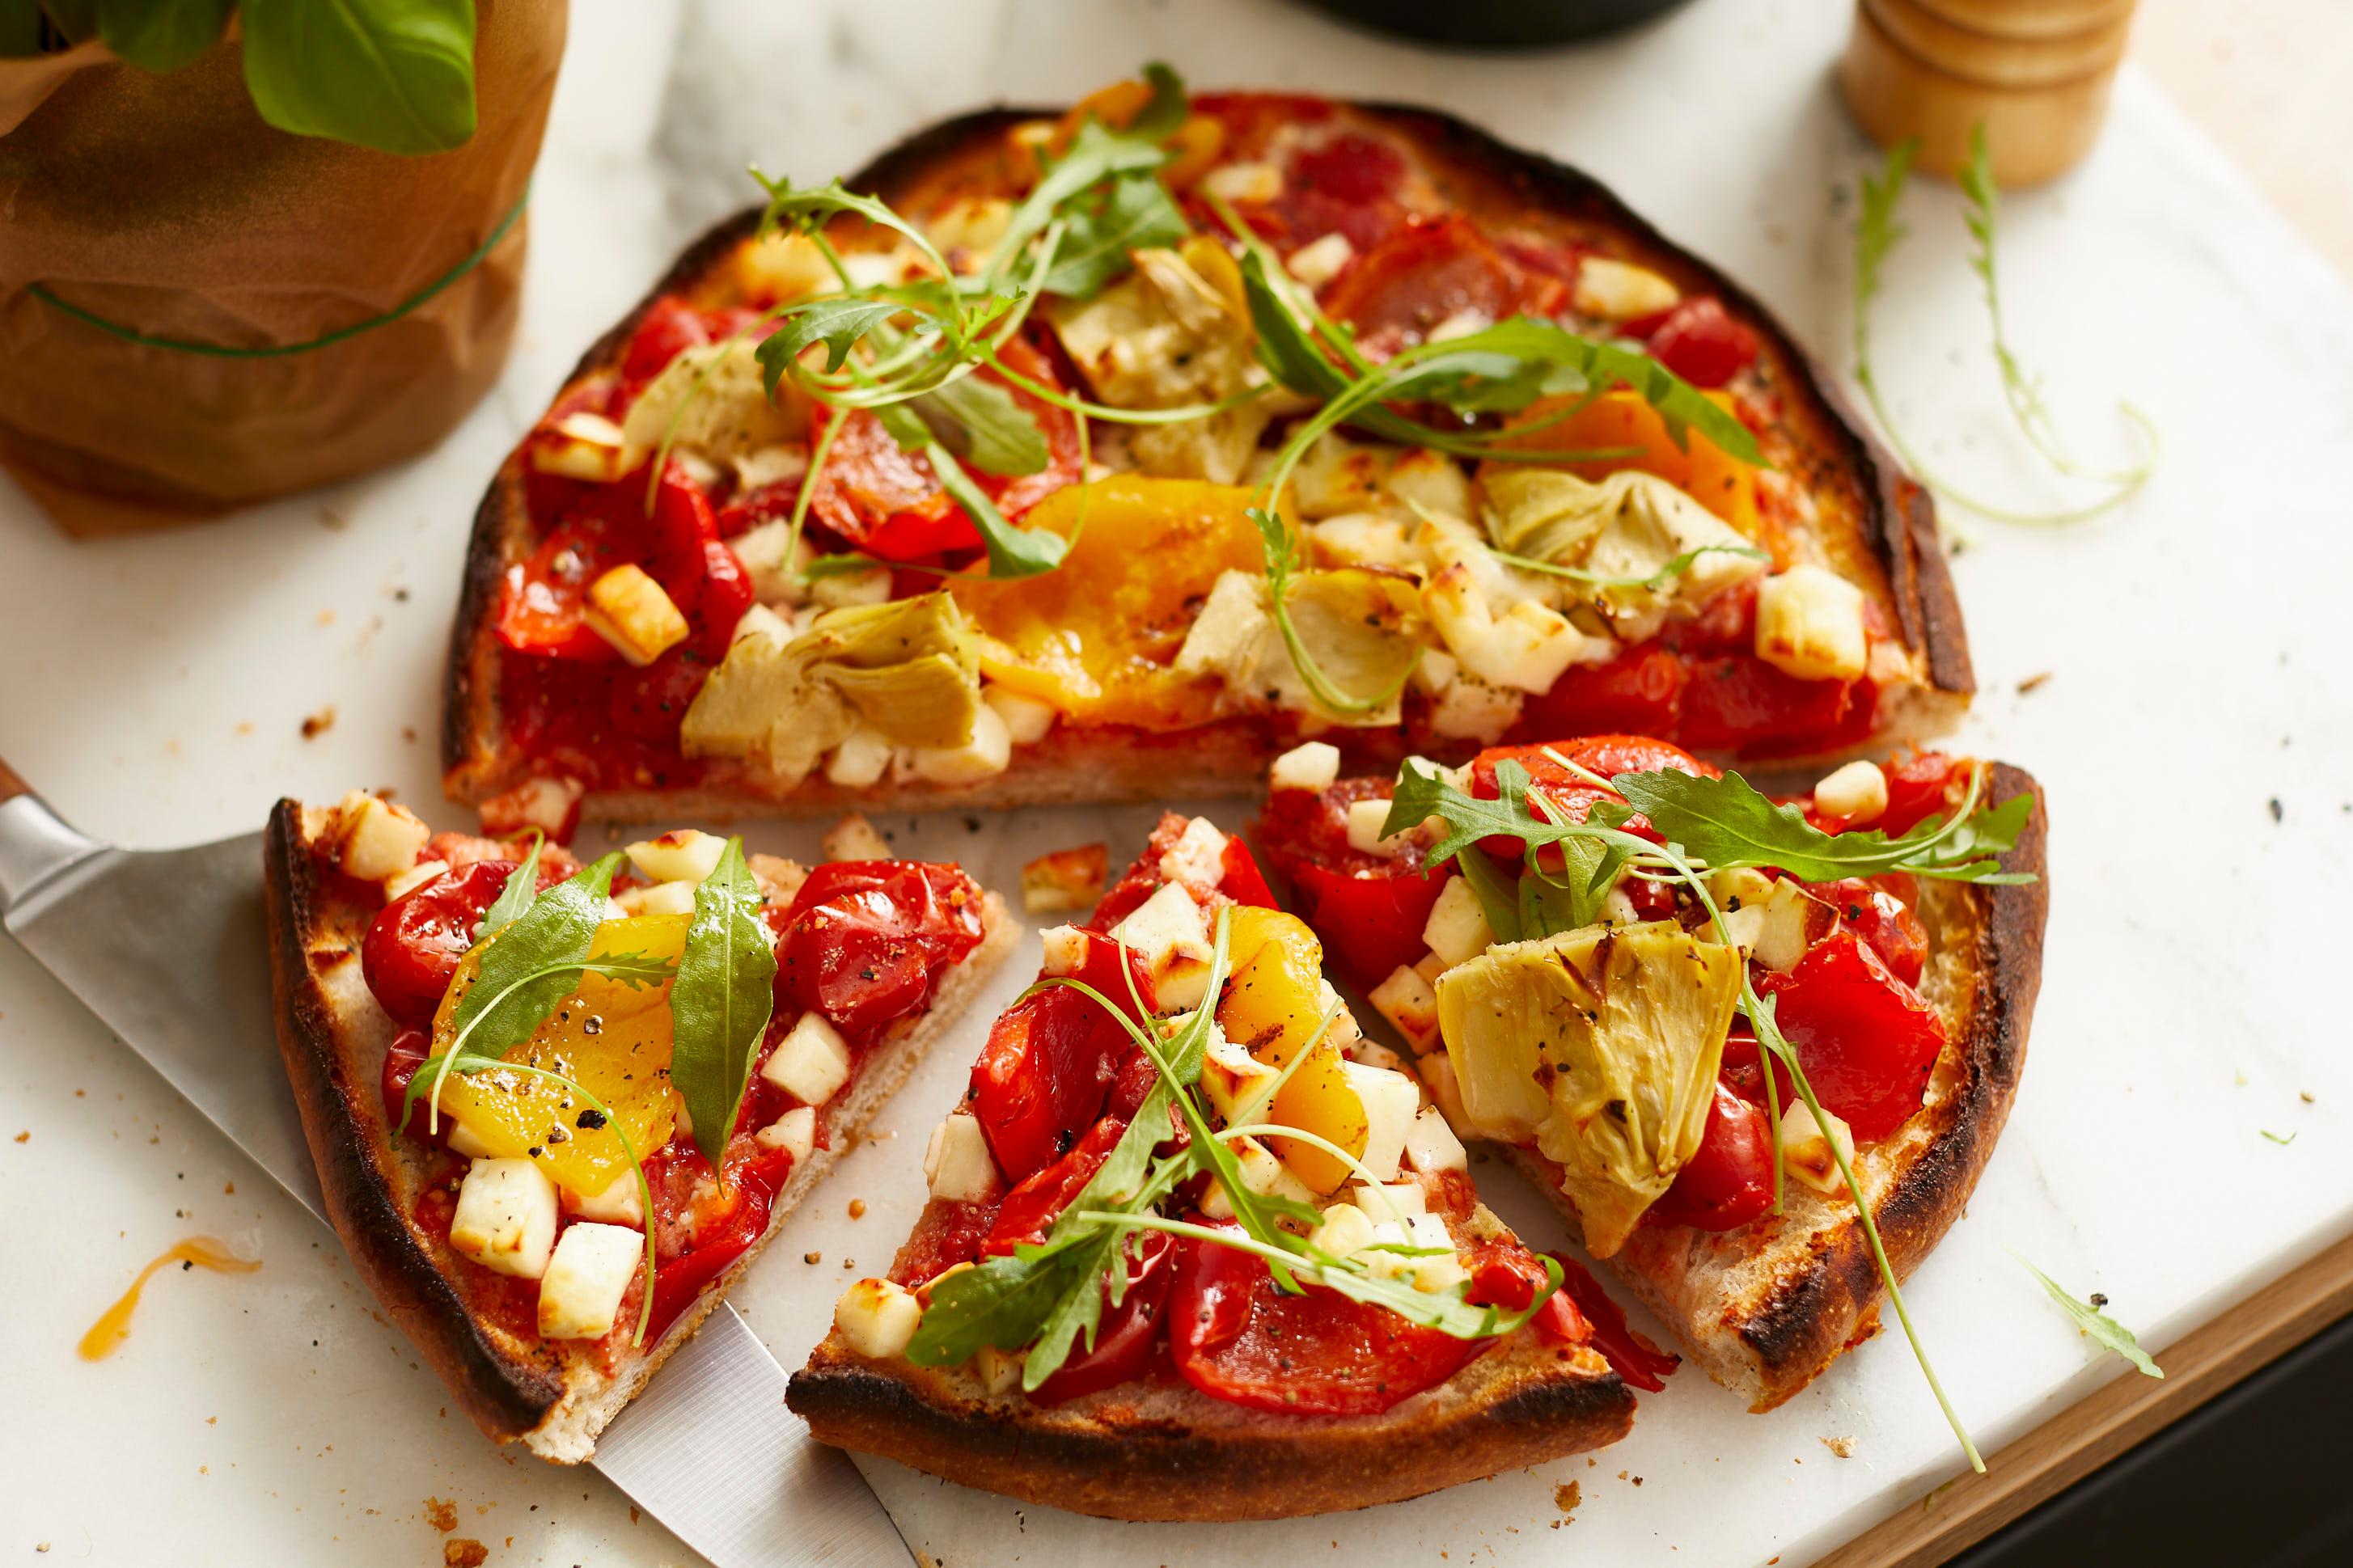 halloumi-pizza-fladenbrot- 1